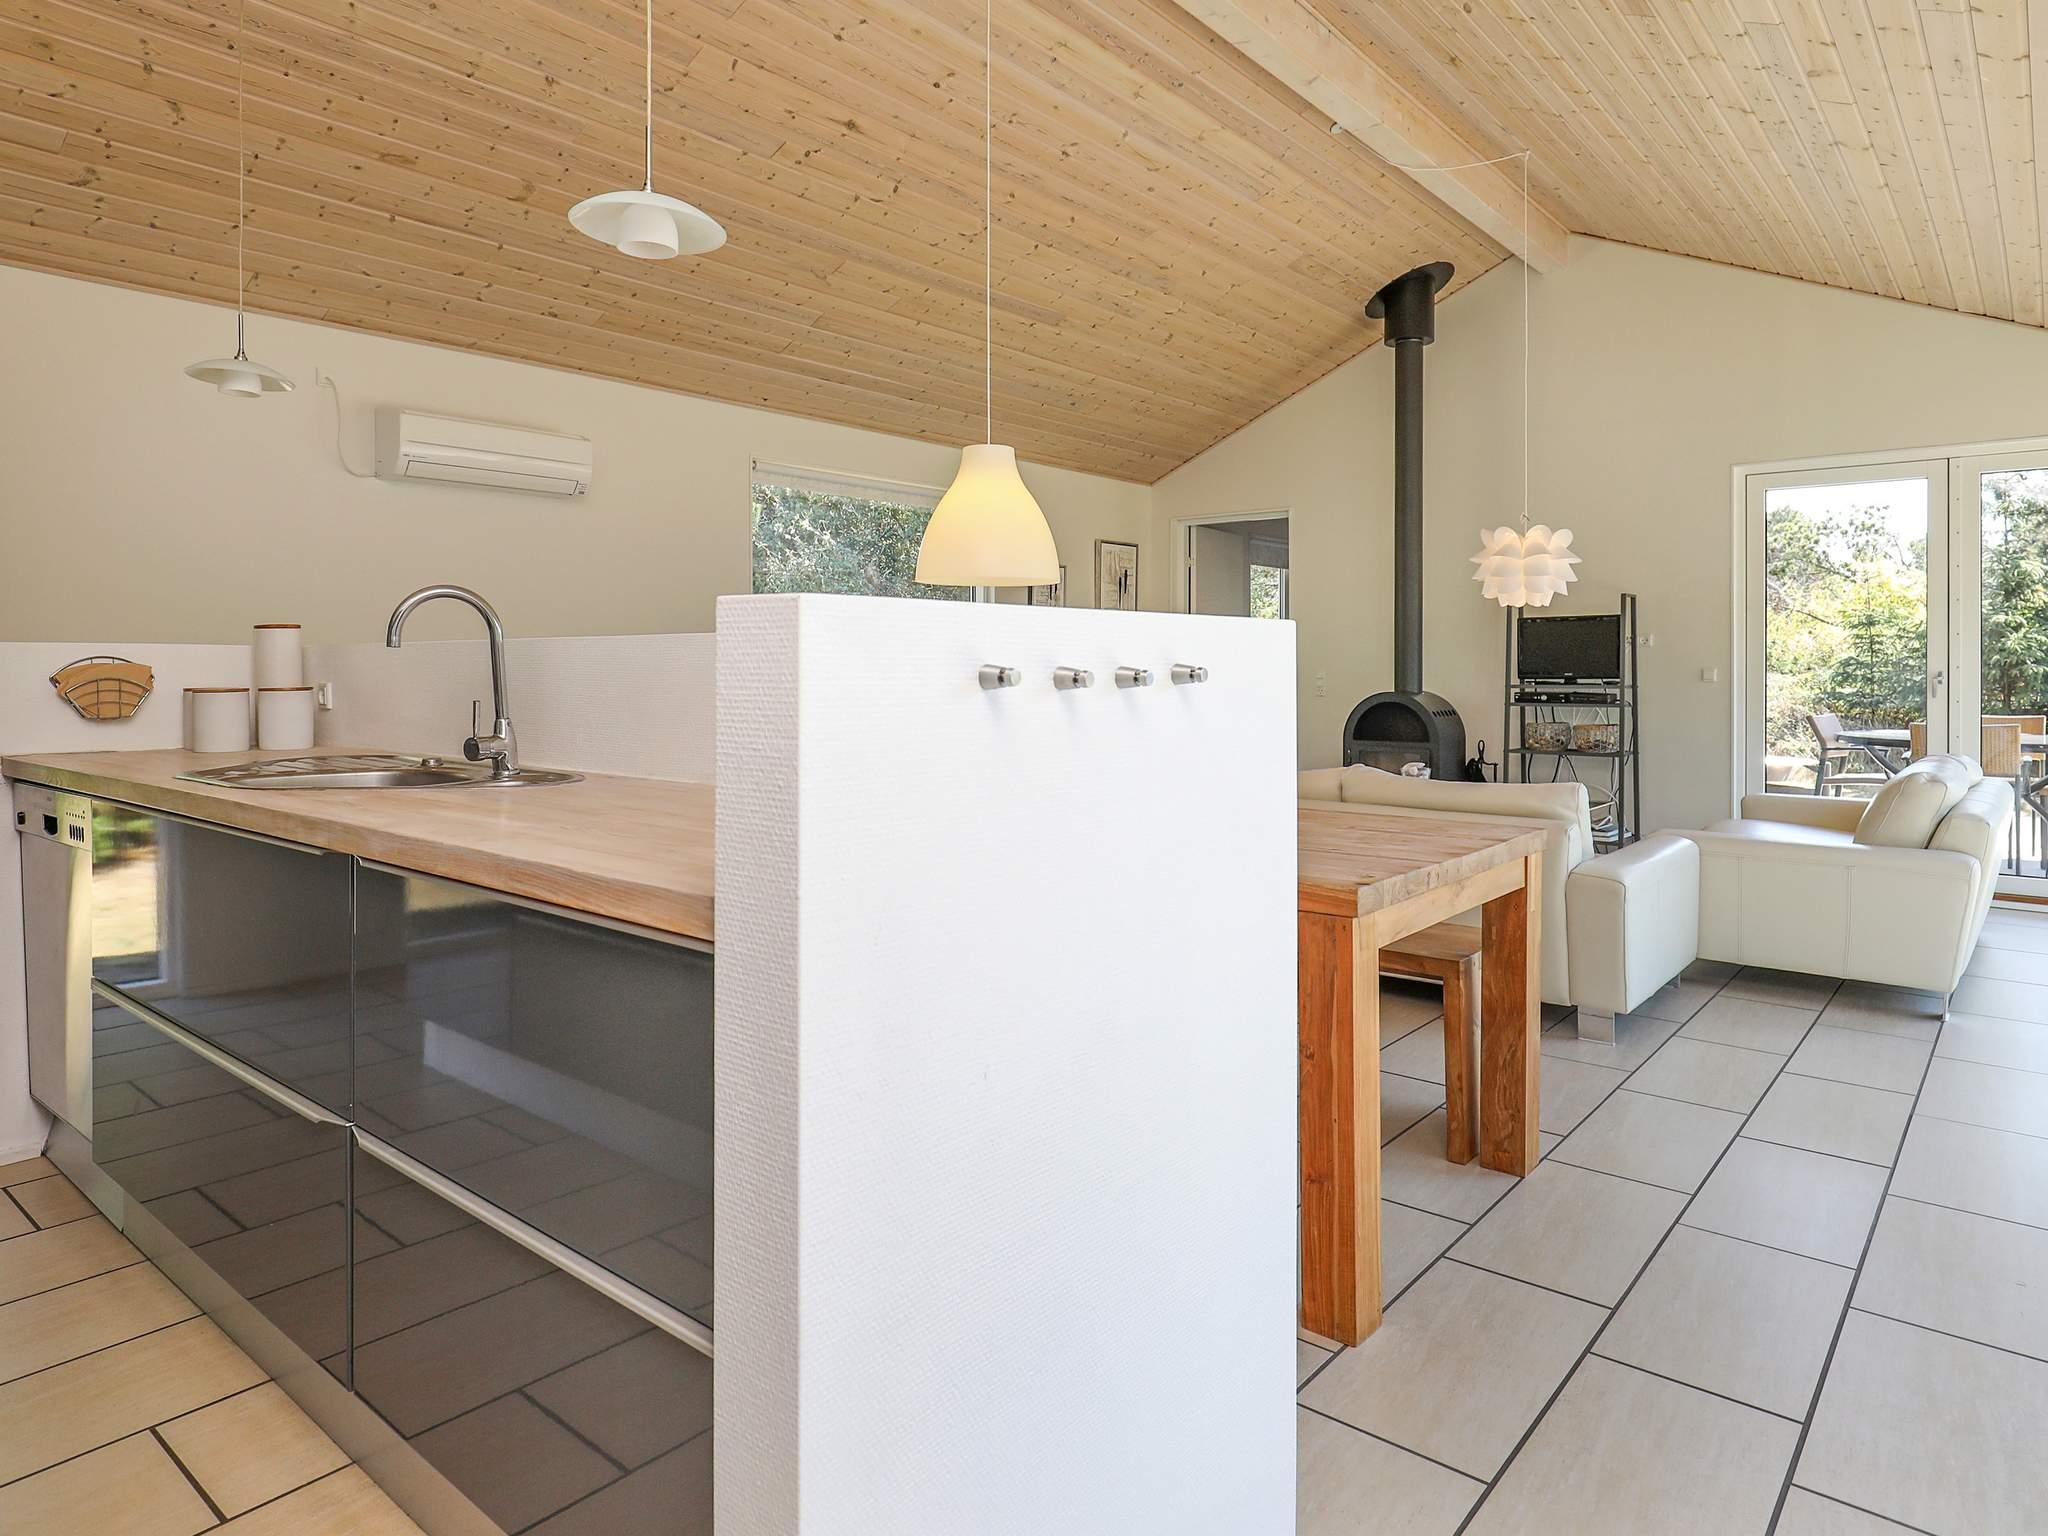 Ferienhaus Lodskovvad (344186), Lodskovvad, , Nordostjütland, Dänemark, Bild 6